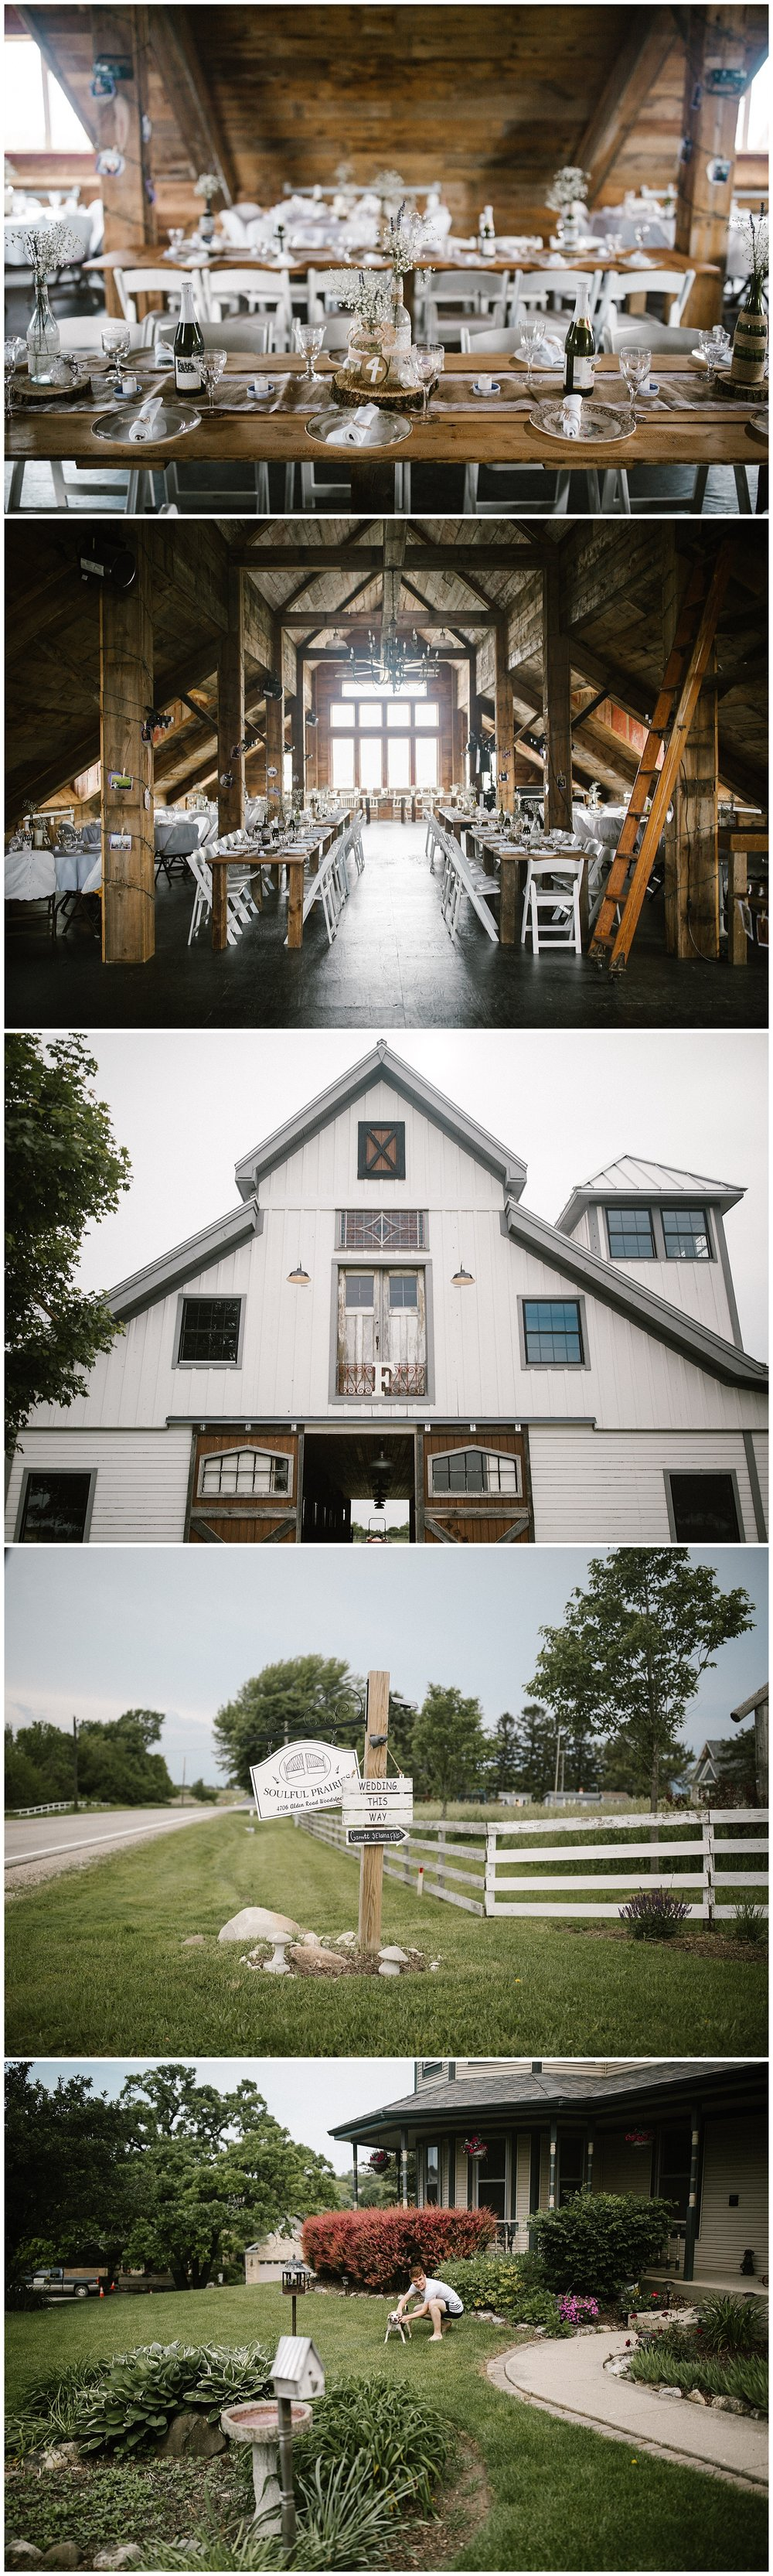 2017-08-25_0002.jpg